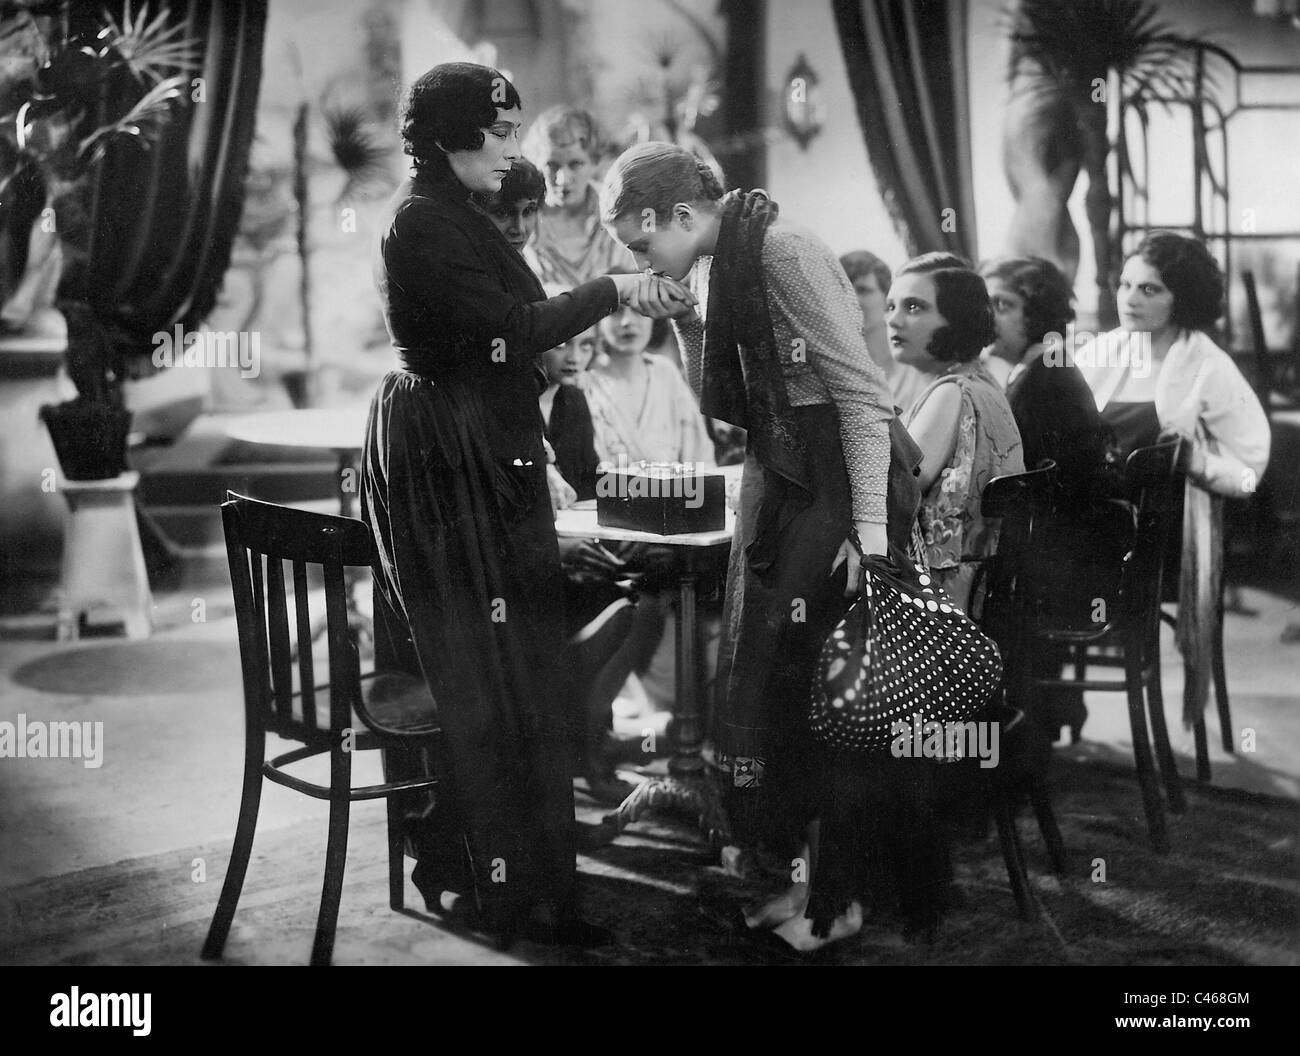 Annabella in a movie scene - Stock Image